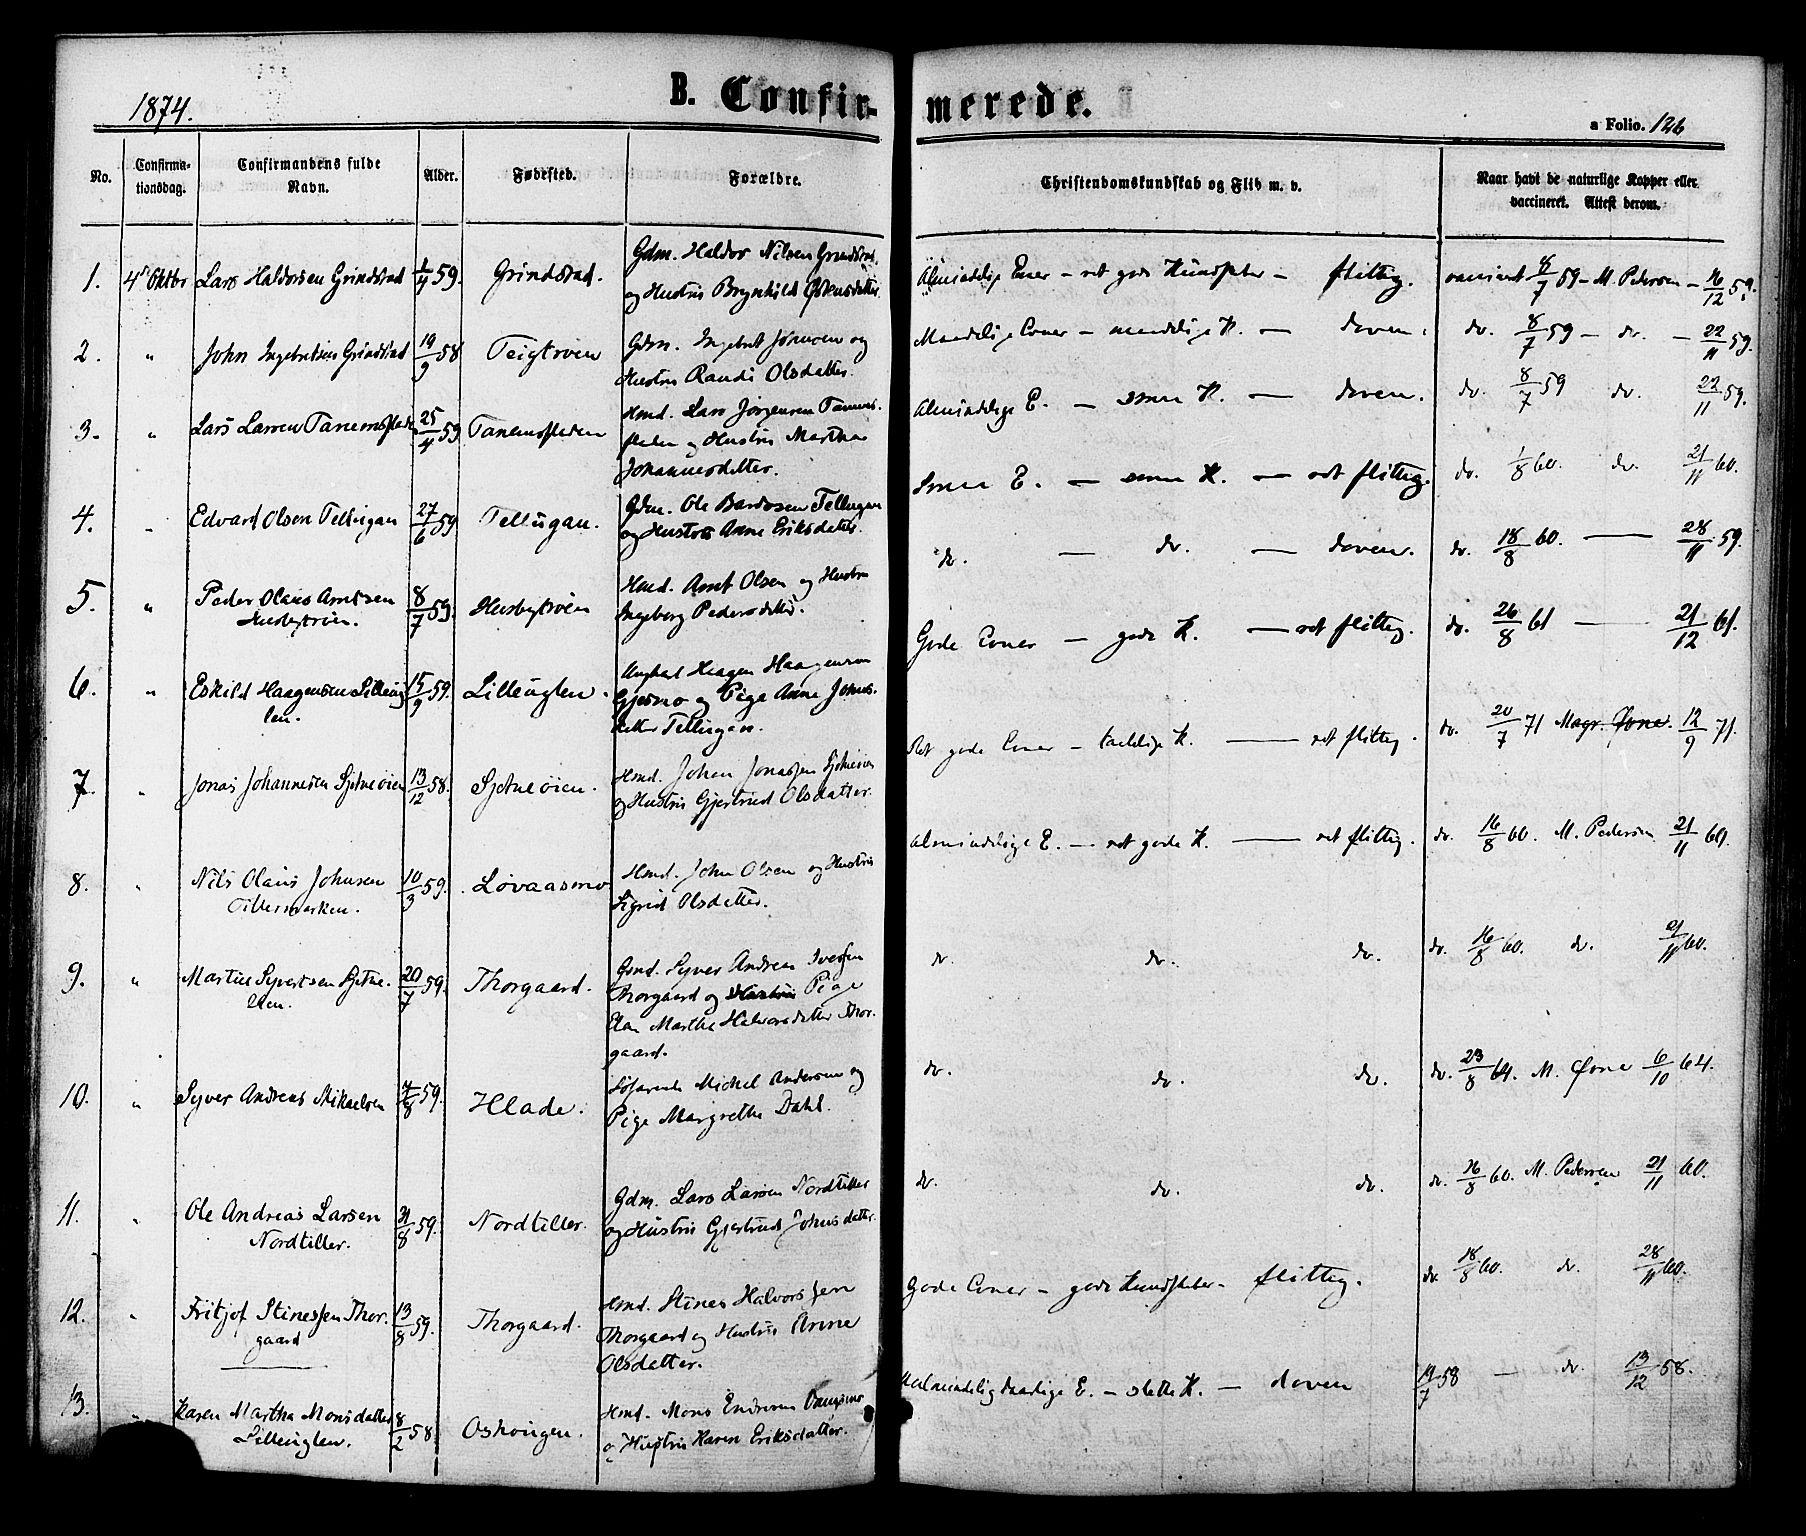 SAT, Ministerialprotokoller, klokkerbøker og fødselsregistre - Sør-Trøndelag, 618/L0442: Ministerialbok nr. 618A06 /1, 1863-1879, s. 126